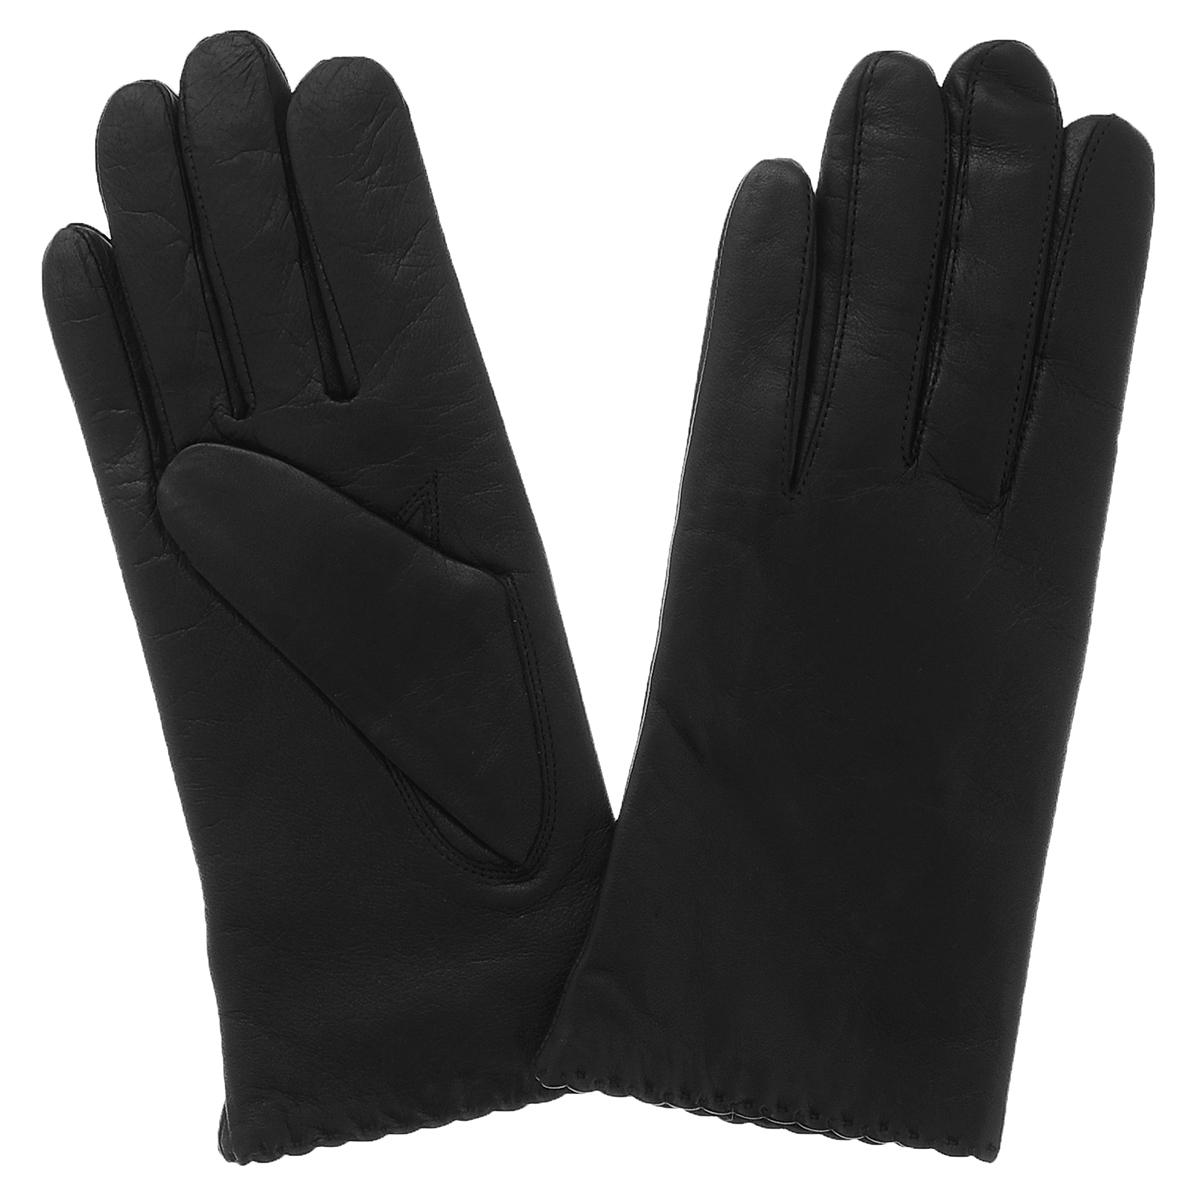 Перчатки женские. 13_SELA - Dali Exclusive13_SELA/BL/11Стильные перчатки Dali Exclusive с подкладкой из шерсти выполнены из мягкой и приятной на ощупь натуральной кожи ягненка. Край манжета оформлен стежками, выполненными вручную. Такие перчатки подчеркнут ваш стиль и неповторимость и придадут всему образу нотки женственности и элегантности.